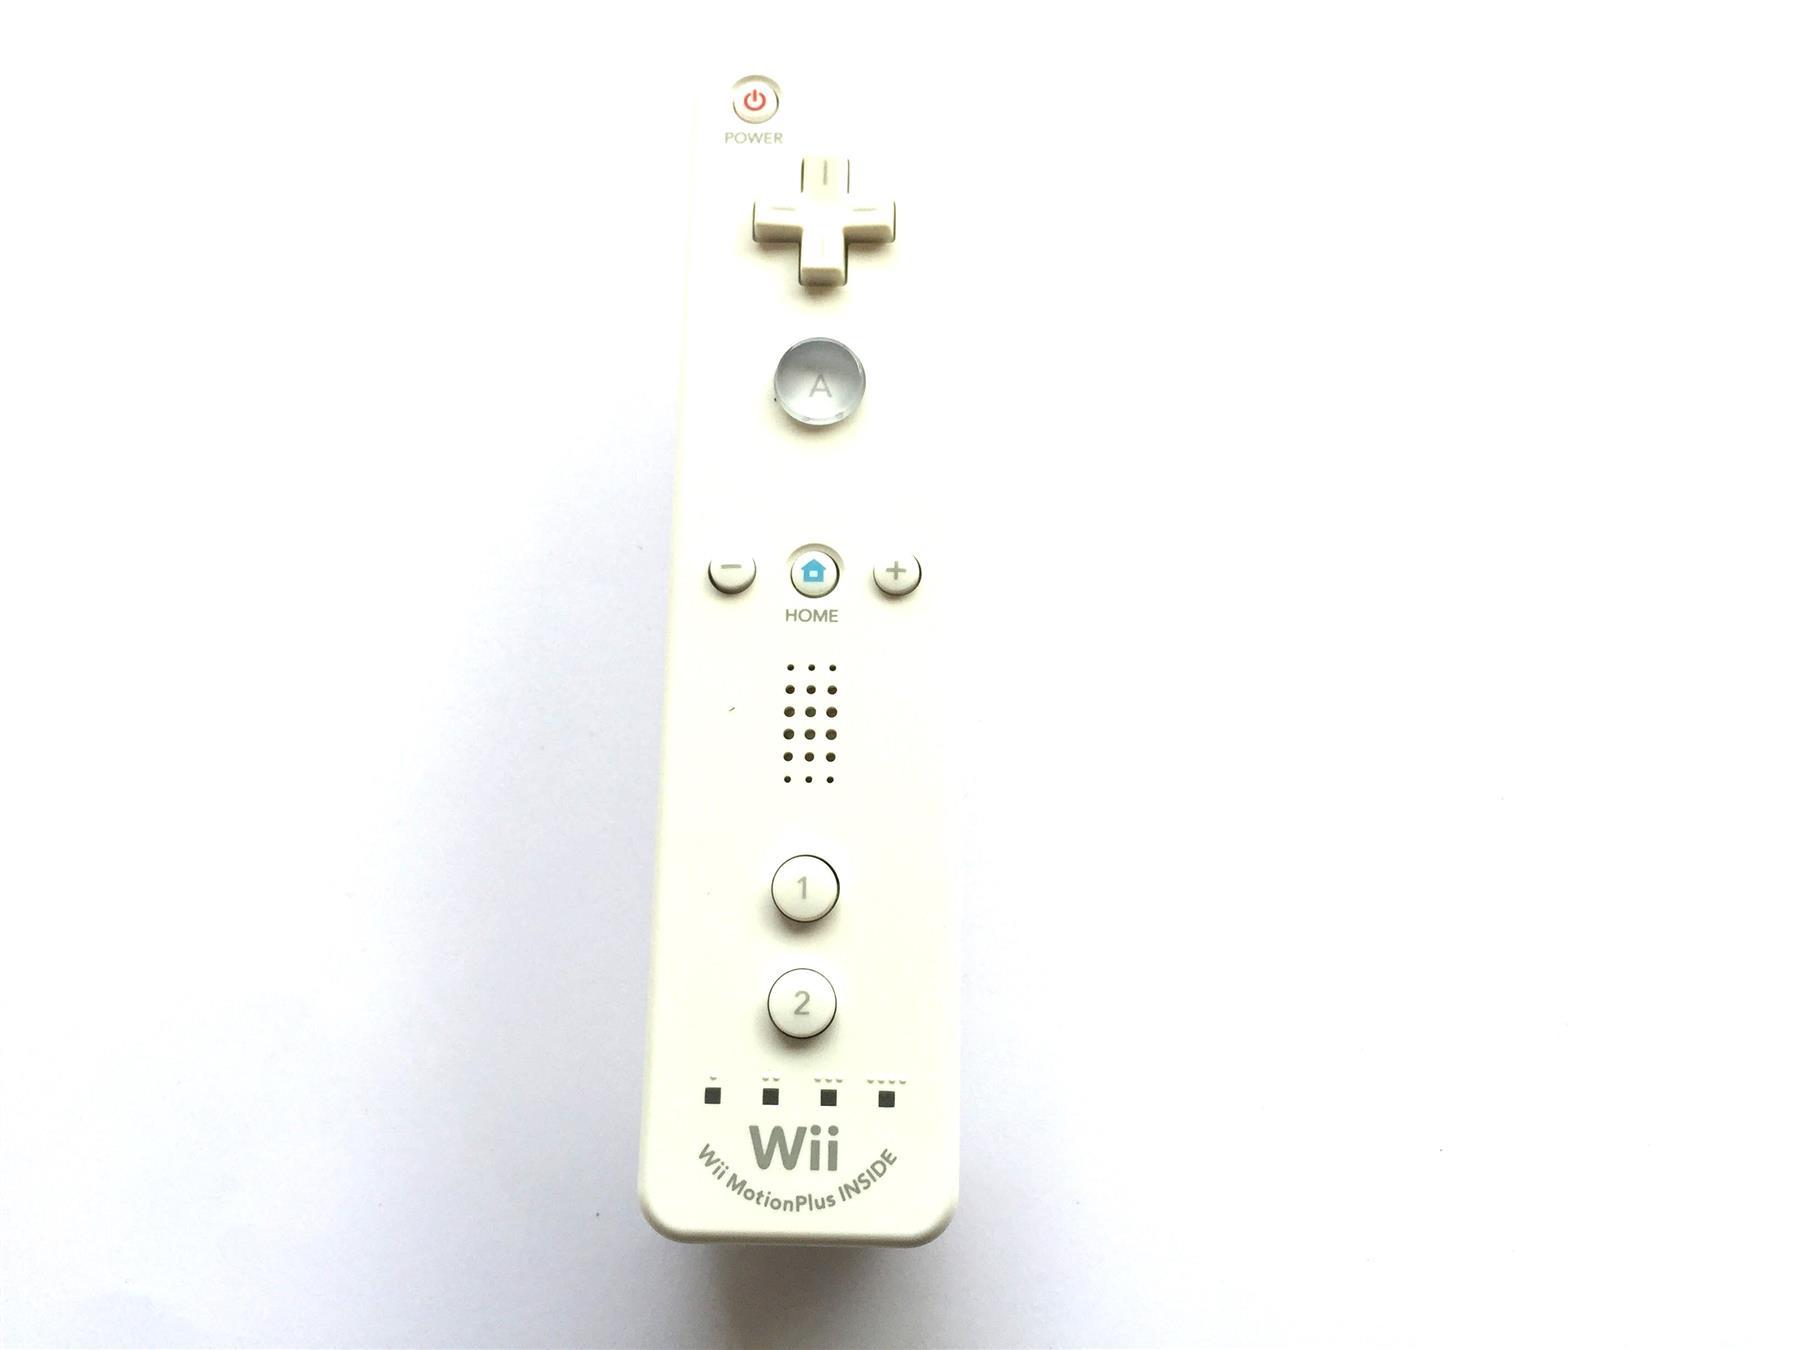 Official-Nintendo-Wii-amp-Remote-U-Plus-Genuine-Original-Controller miniatuur 59